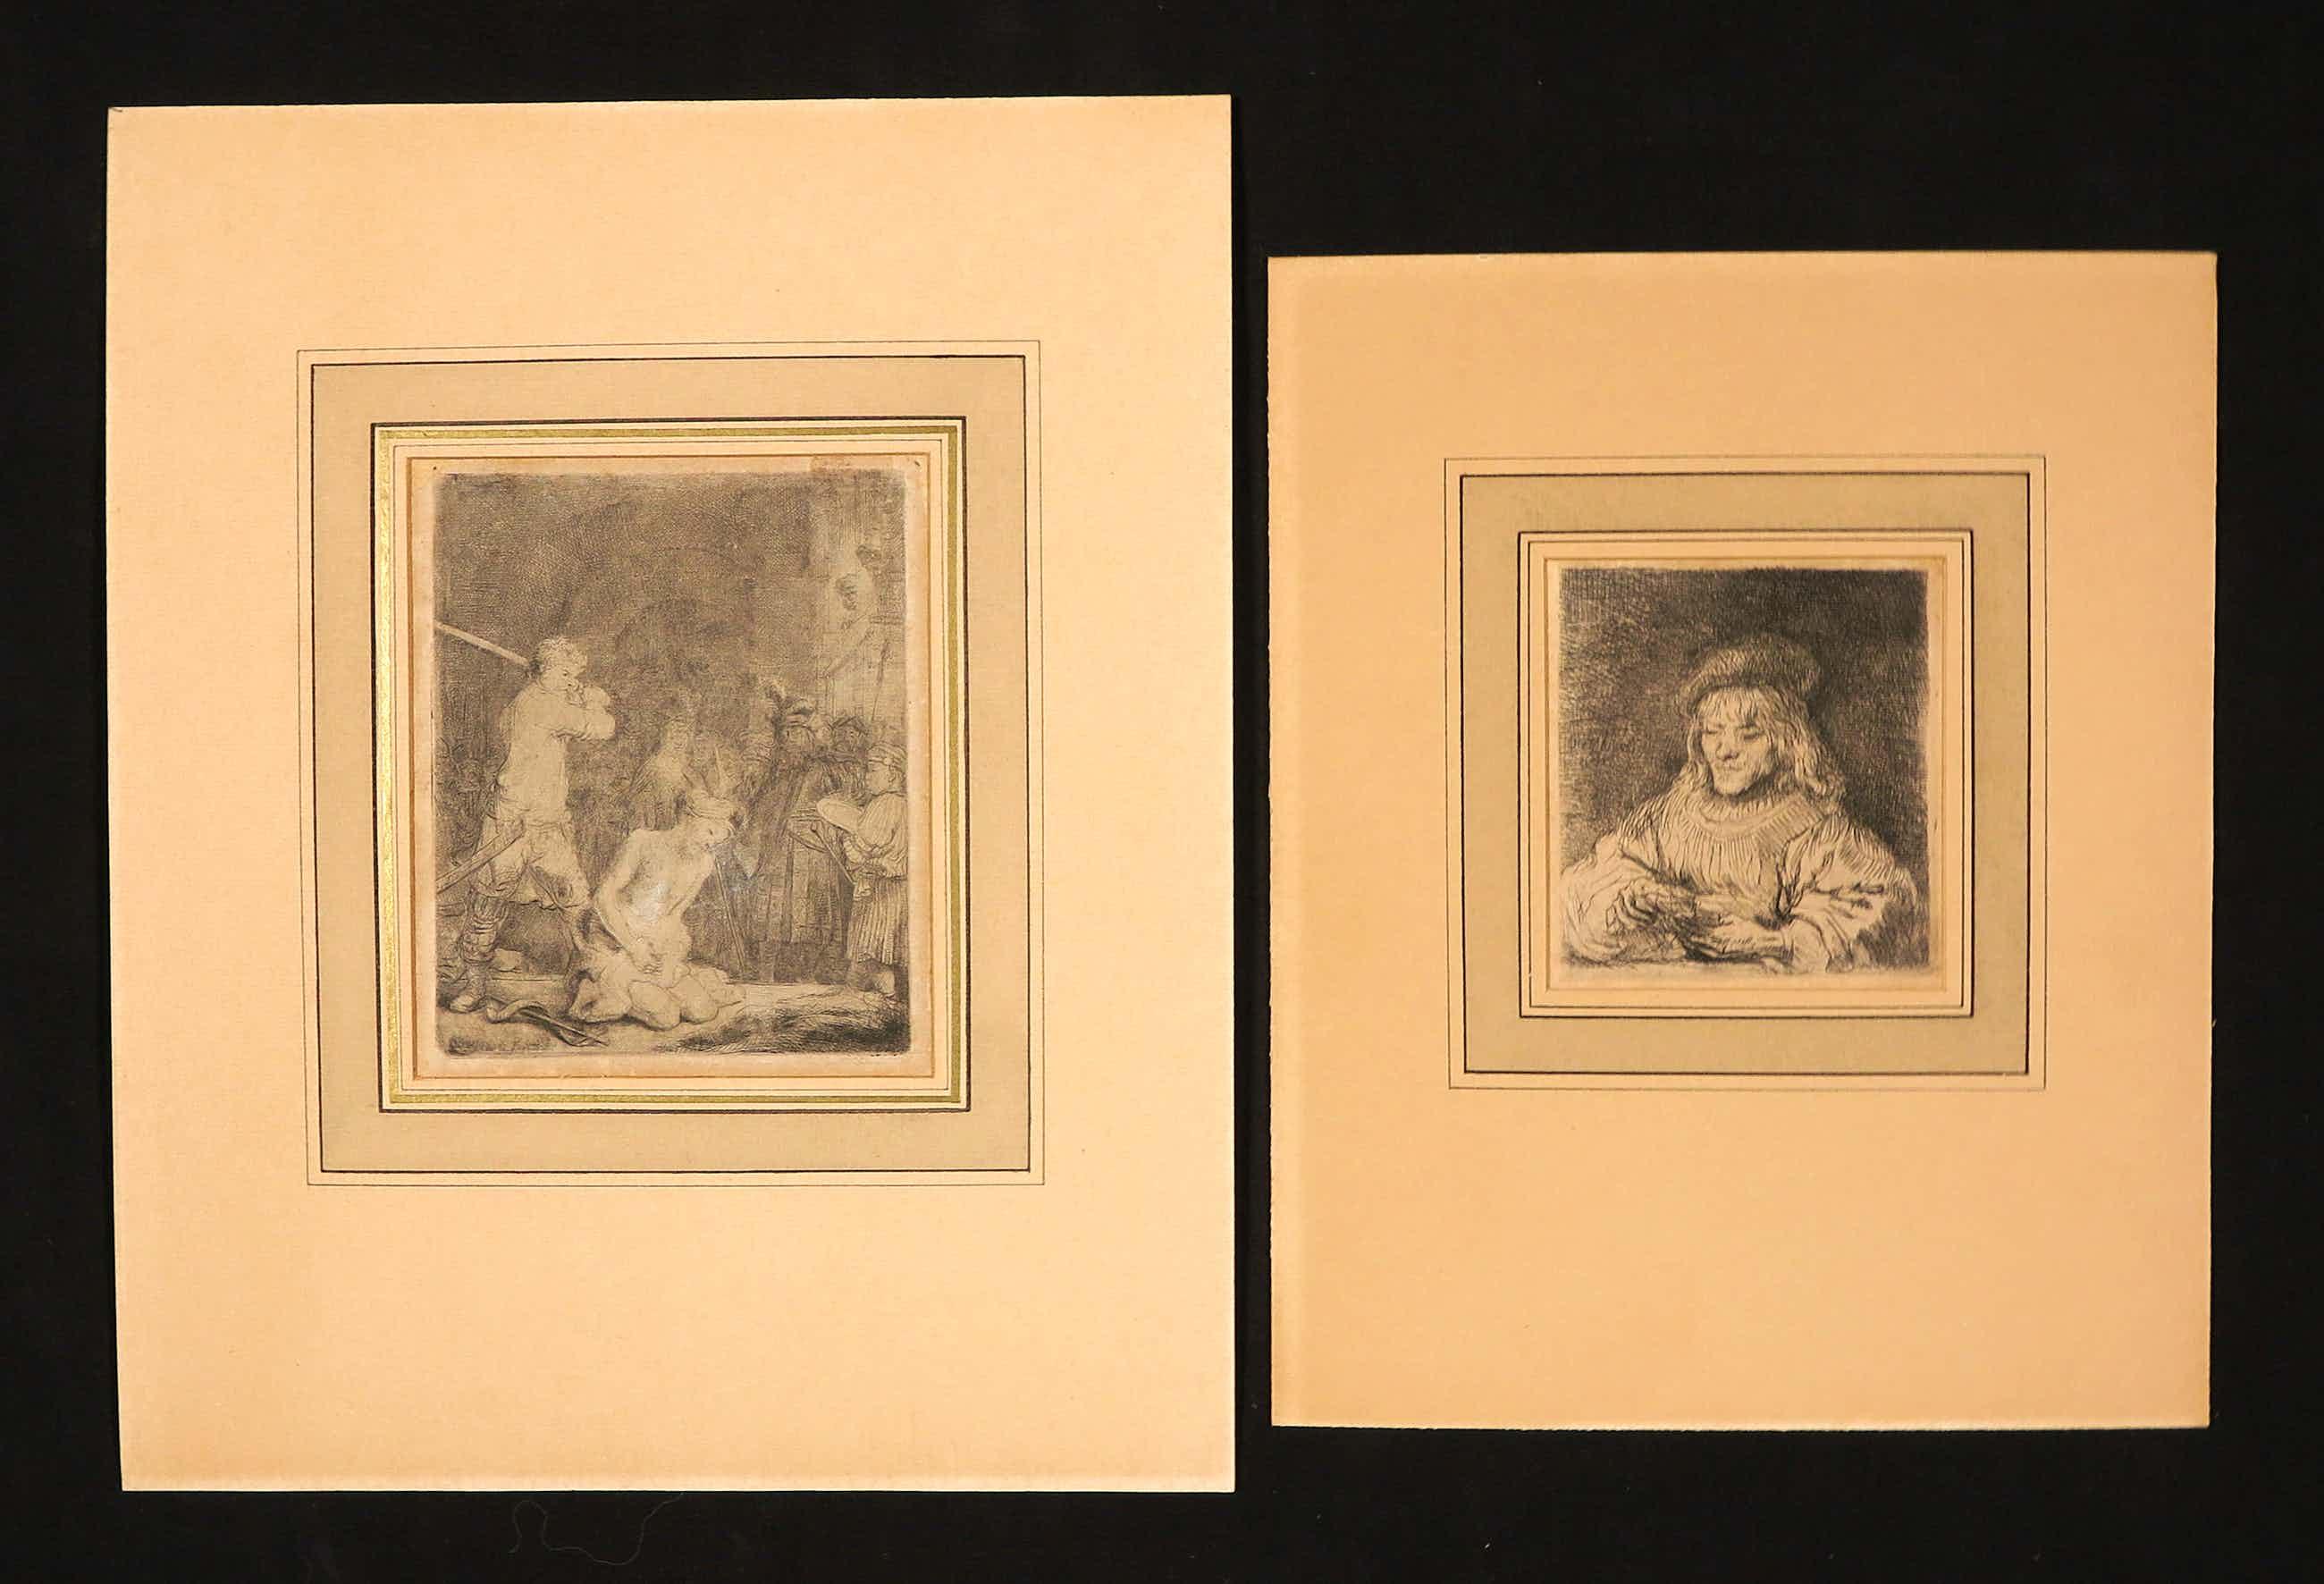 Rembrandt van Rijn - De kaartspeler + De onthoofding van Johannes de Doper kopen? Bied vanaf 365!